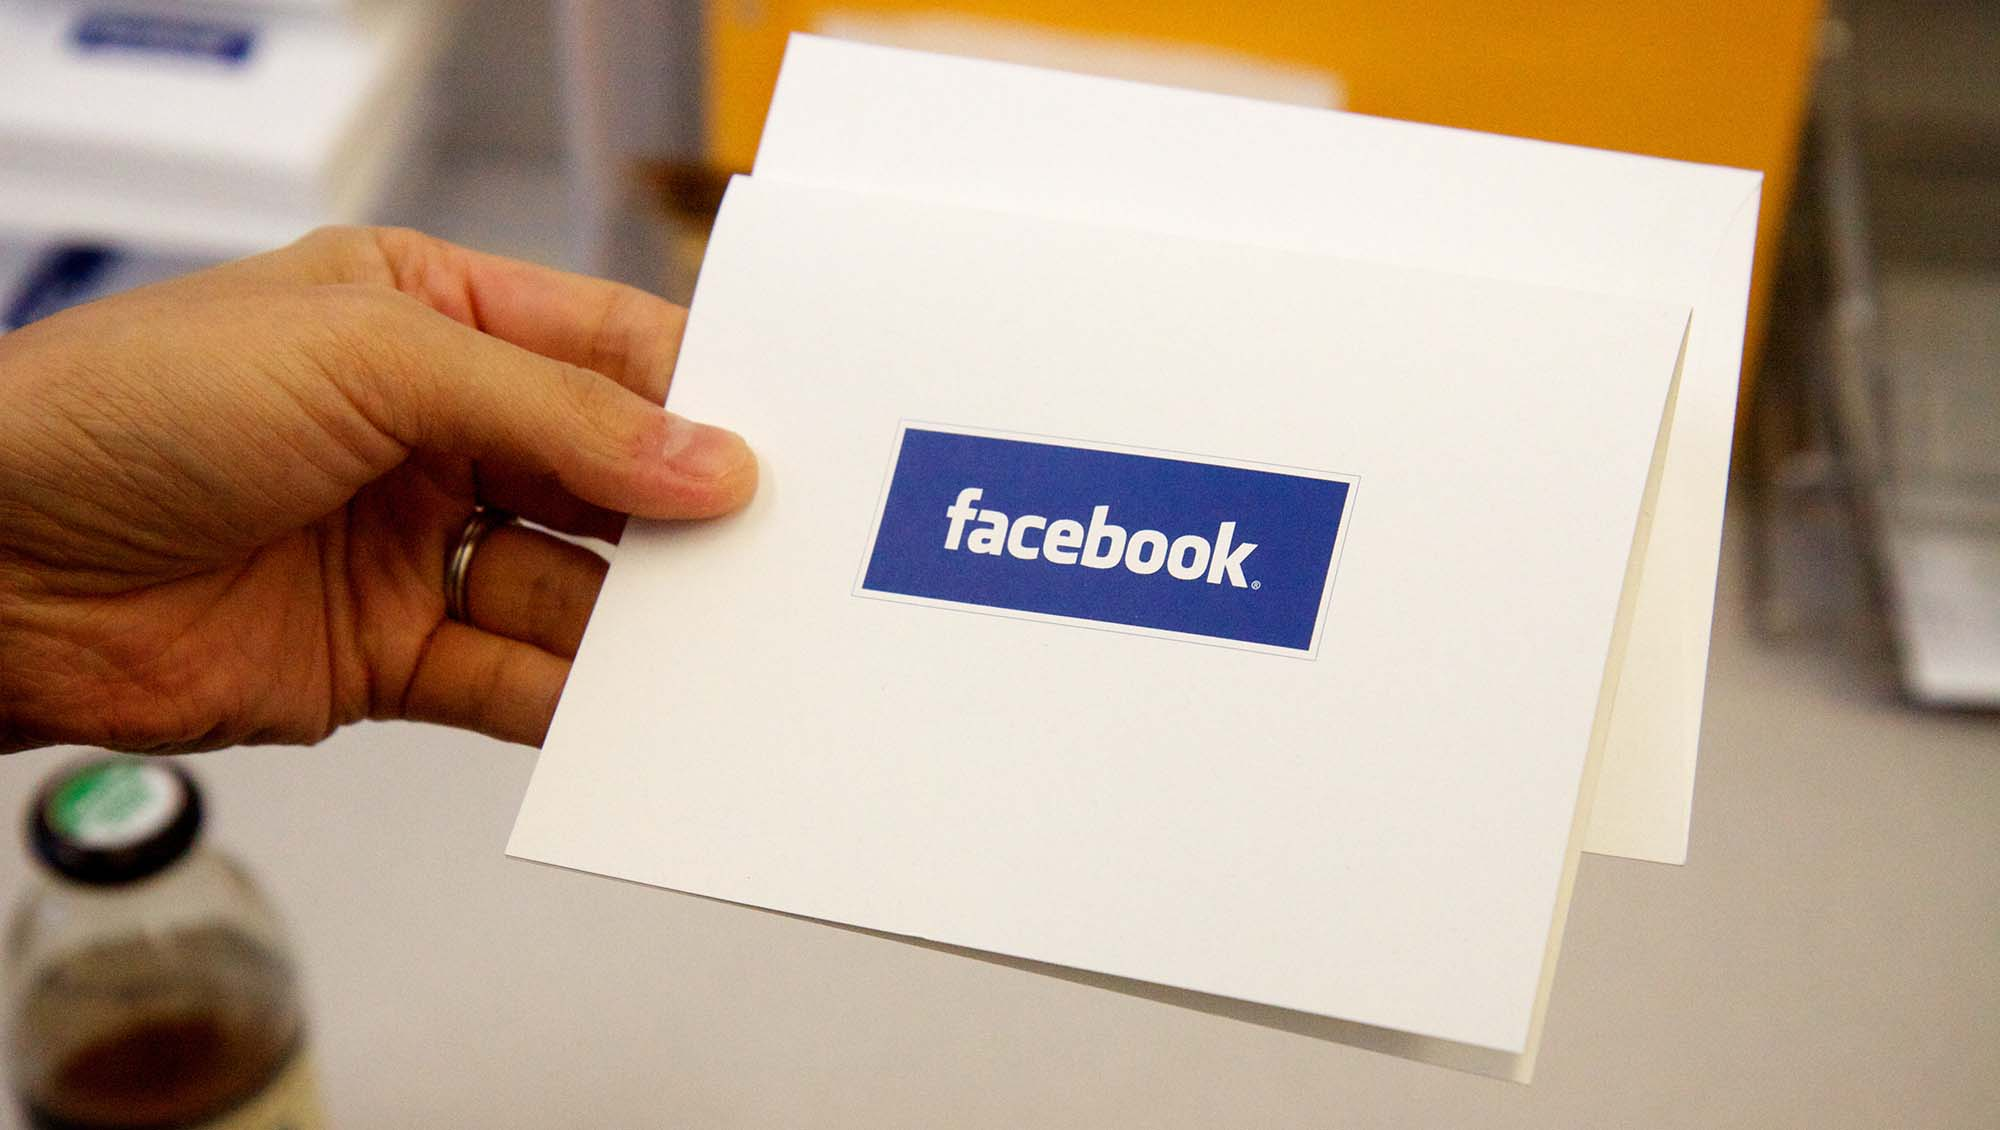 Vous pouvez maintenant signaler les fausses informations sur Facebook